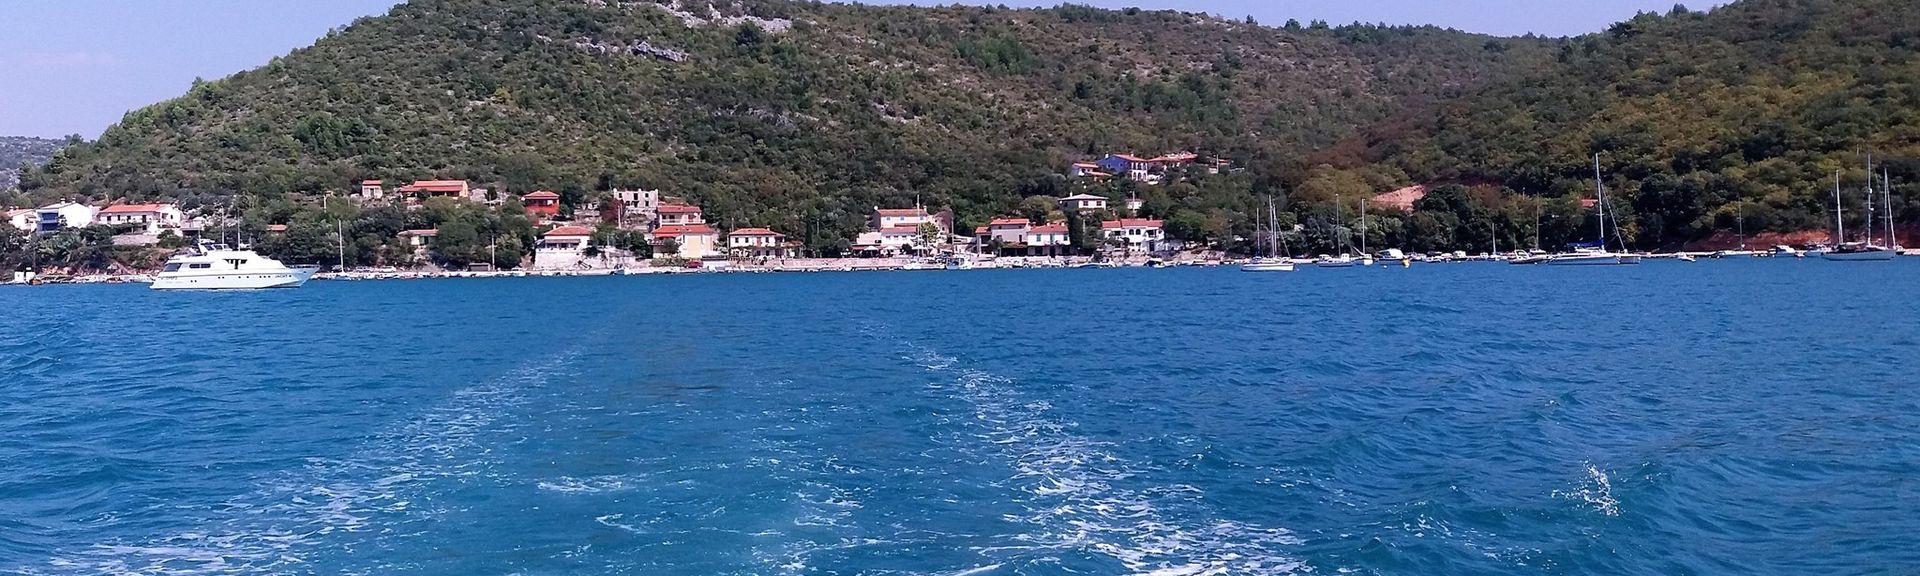 Nedešćina, Sveta Nedelja, Istrië (provincie), Kroatië